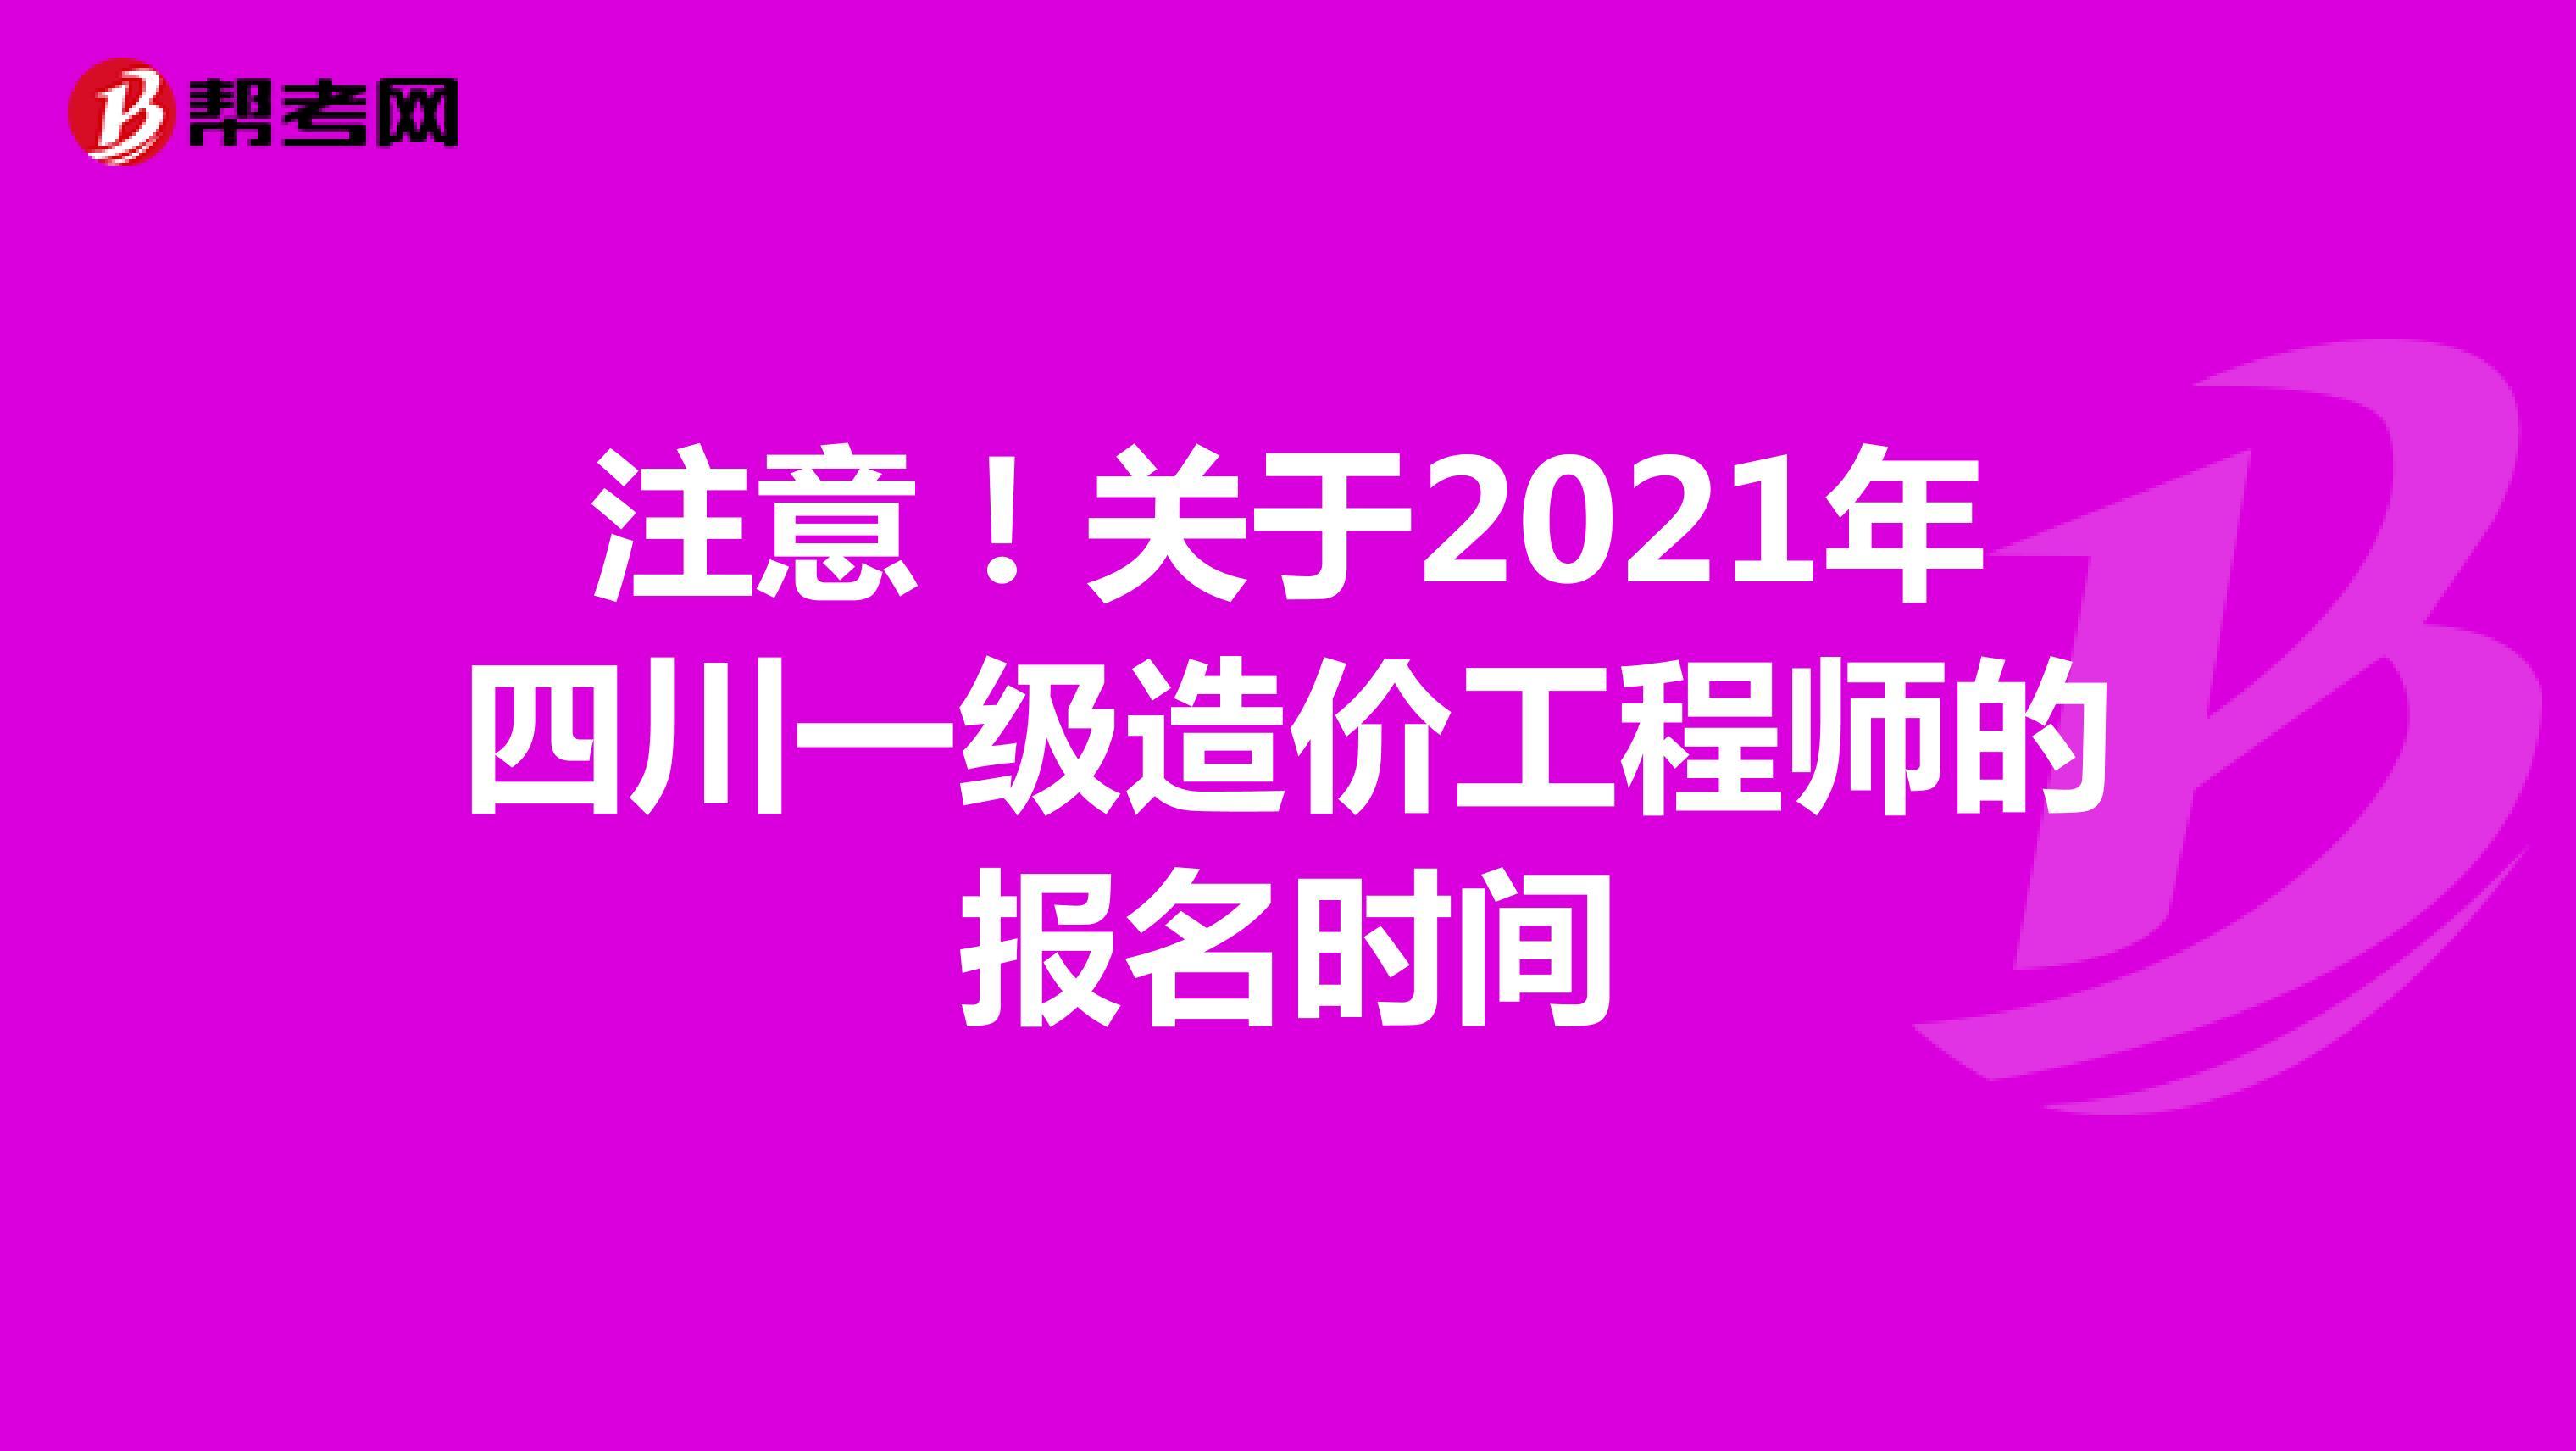 注意!关于2021年四川一级造价工程师的报名时间